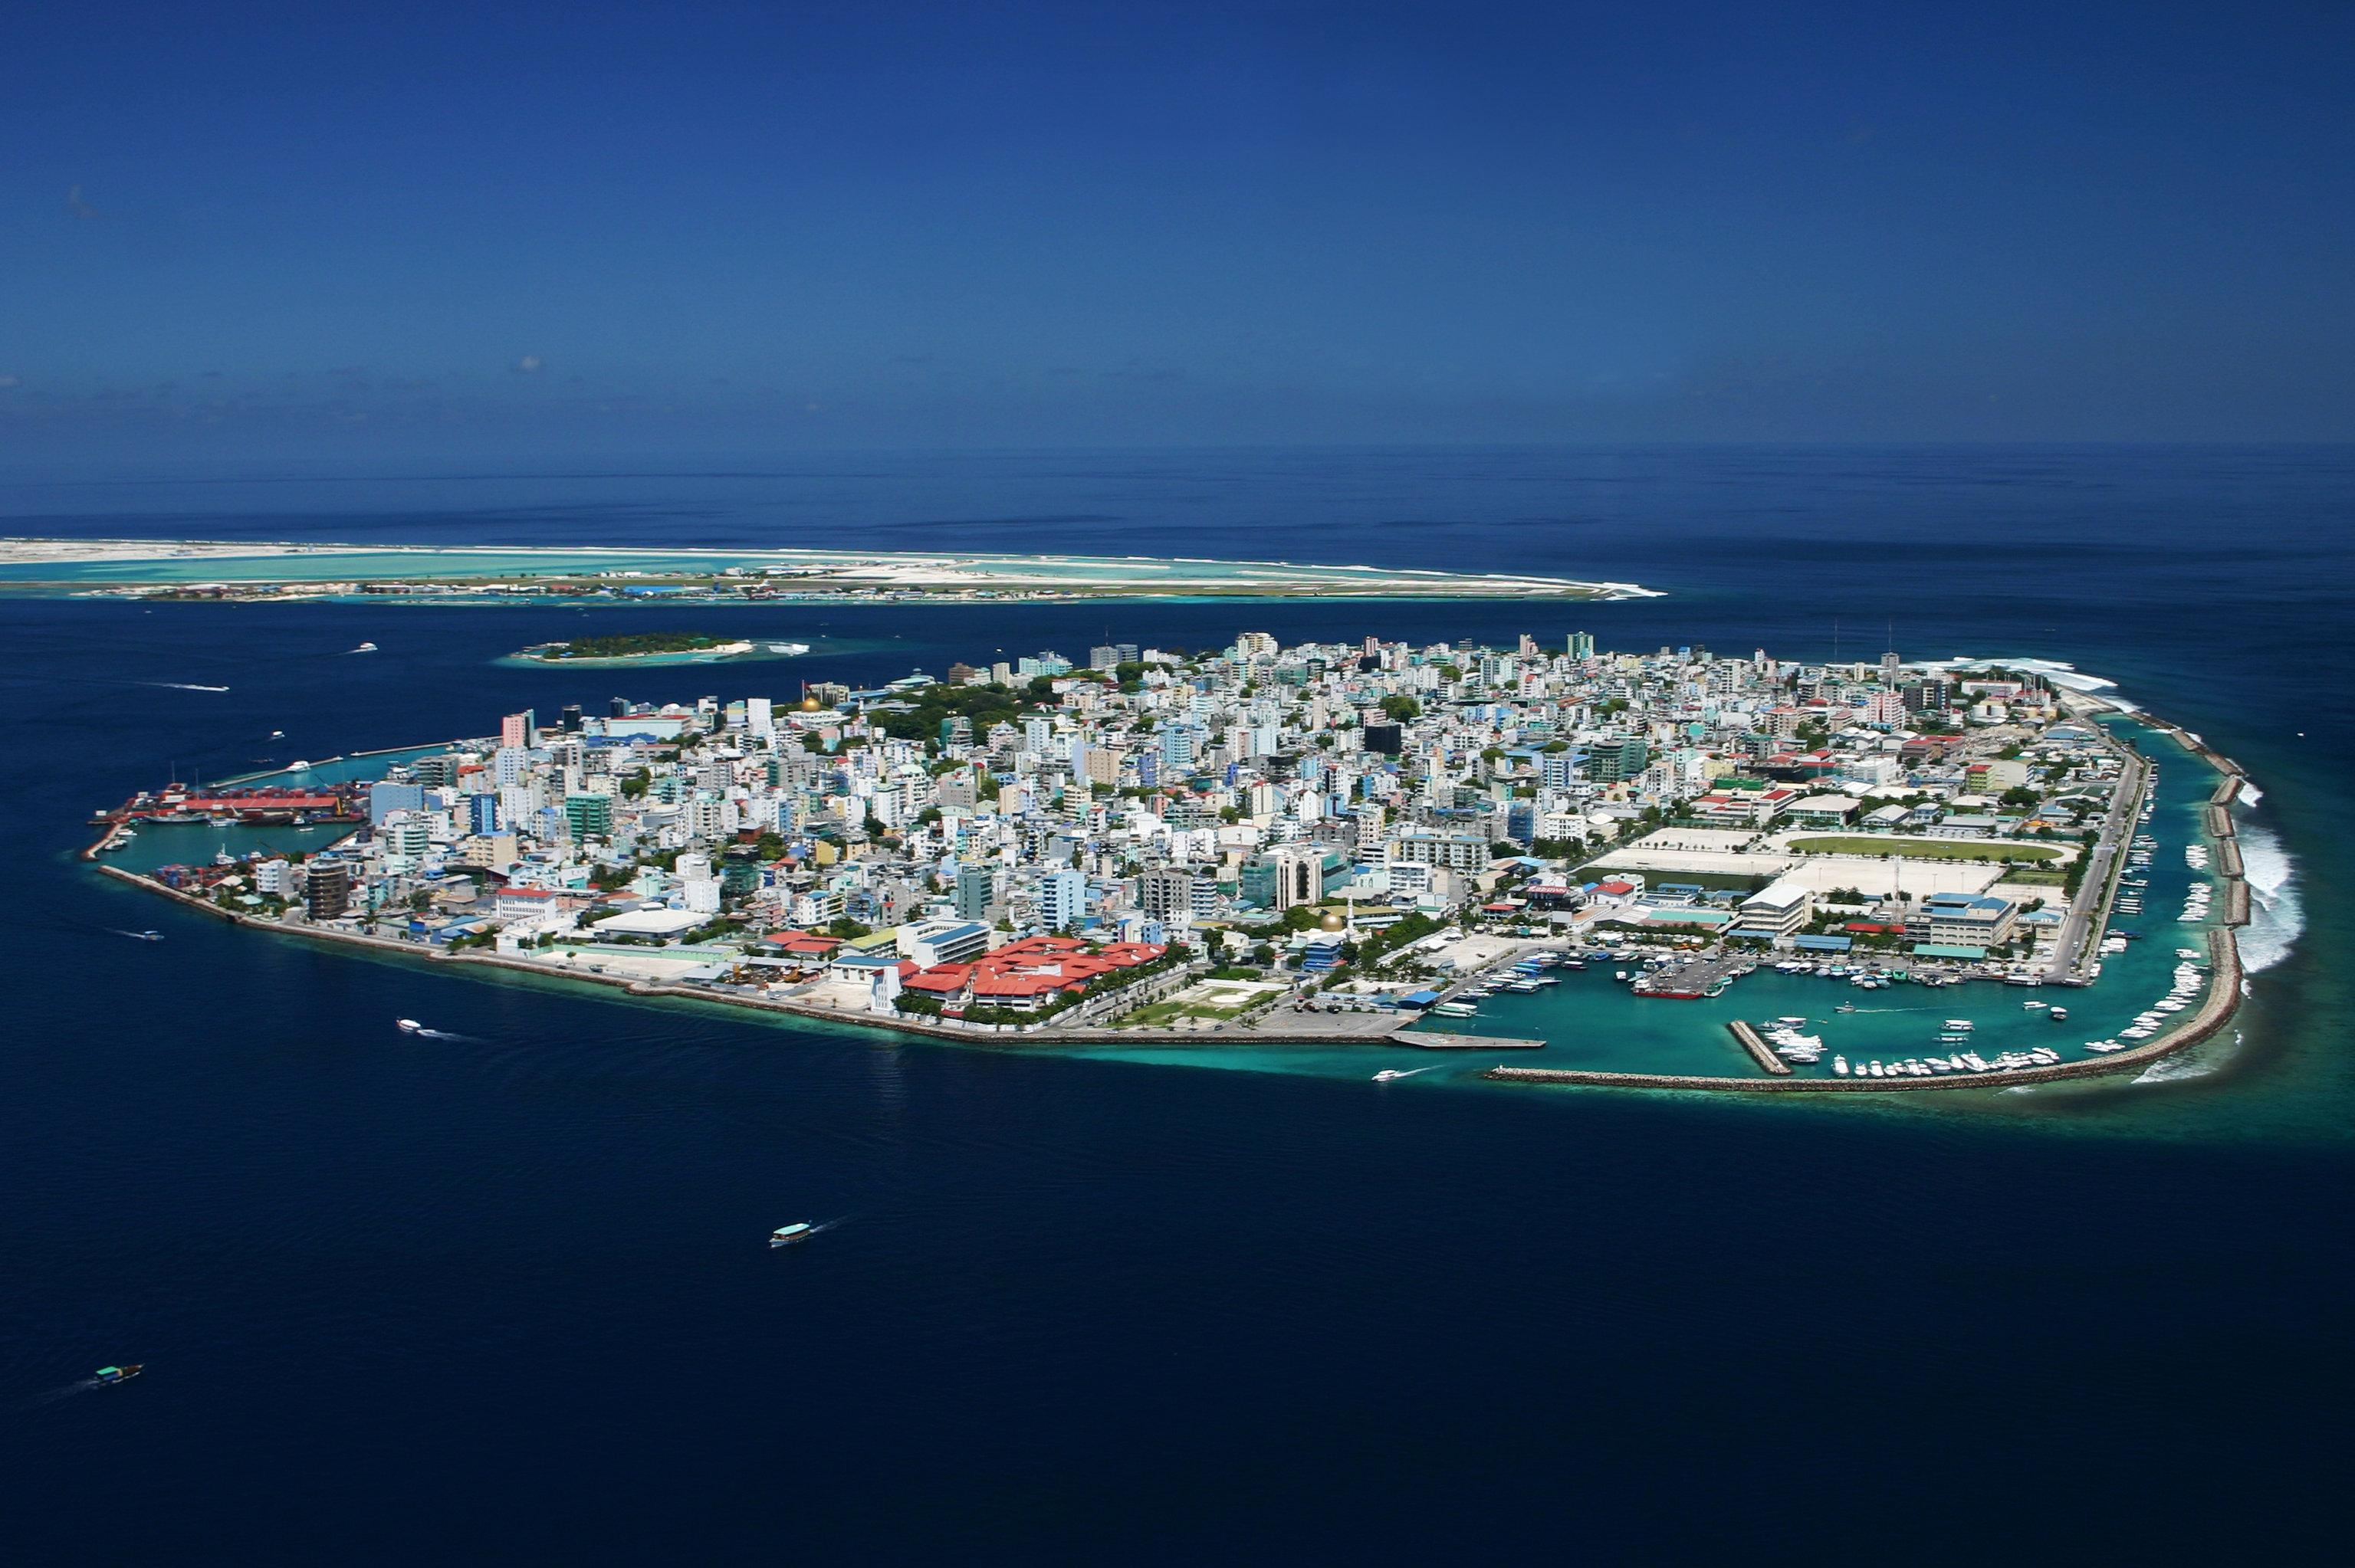 Malé, la capital de la República de las Maldivas